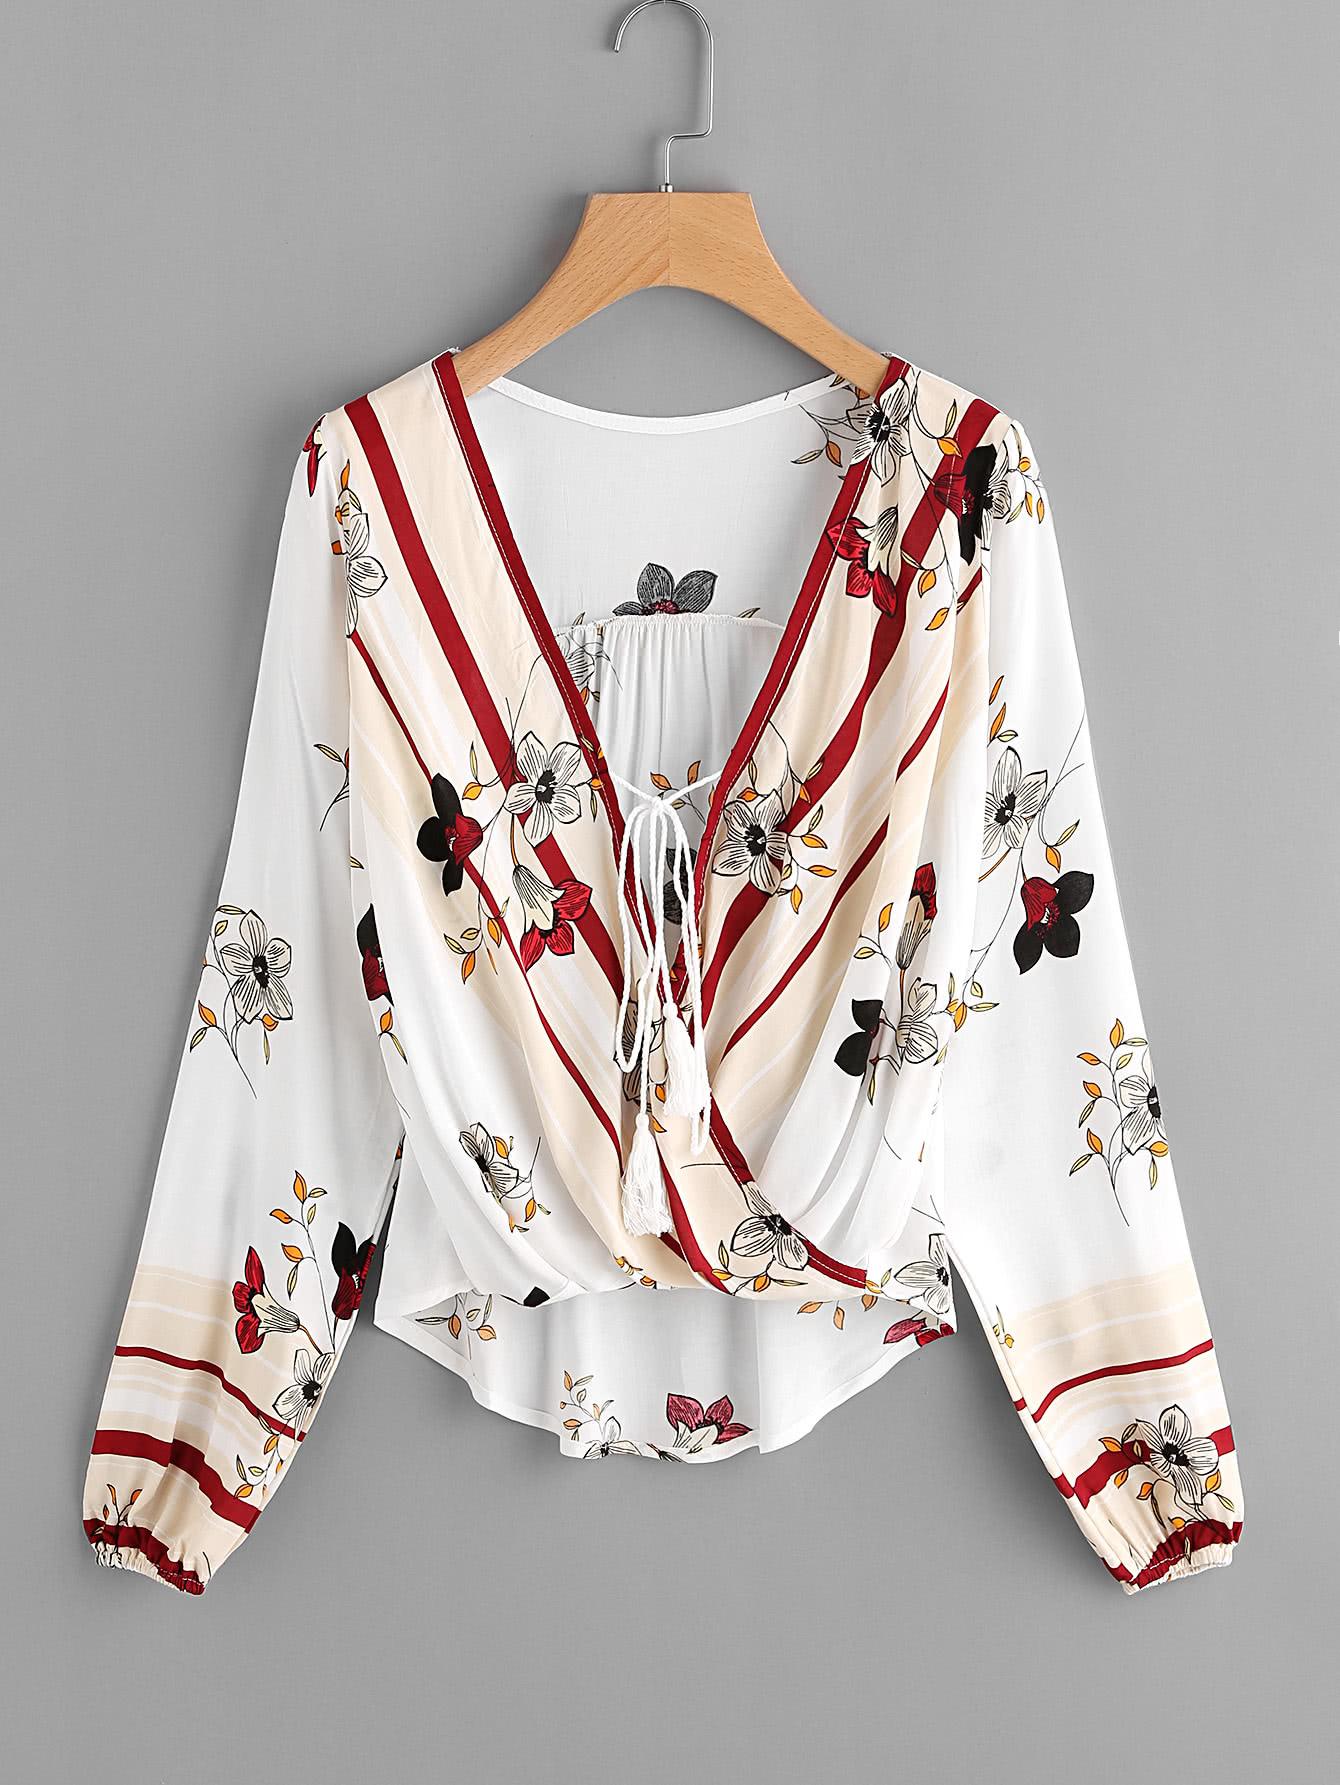 Surplice Neckline Tassel Tie Botanical Print Blouse crisscross surplice neckline tie detail tropical print blouse